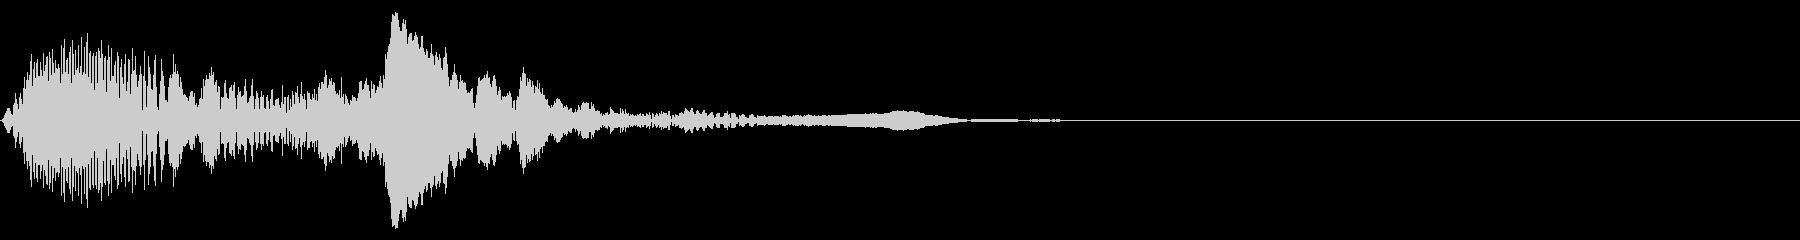 ピュルン(8bitゲーム風の効果音)の未再生の波形